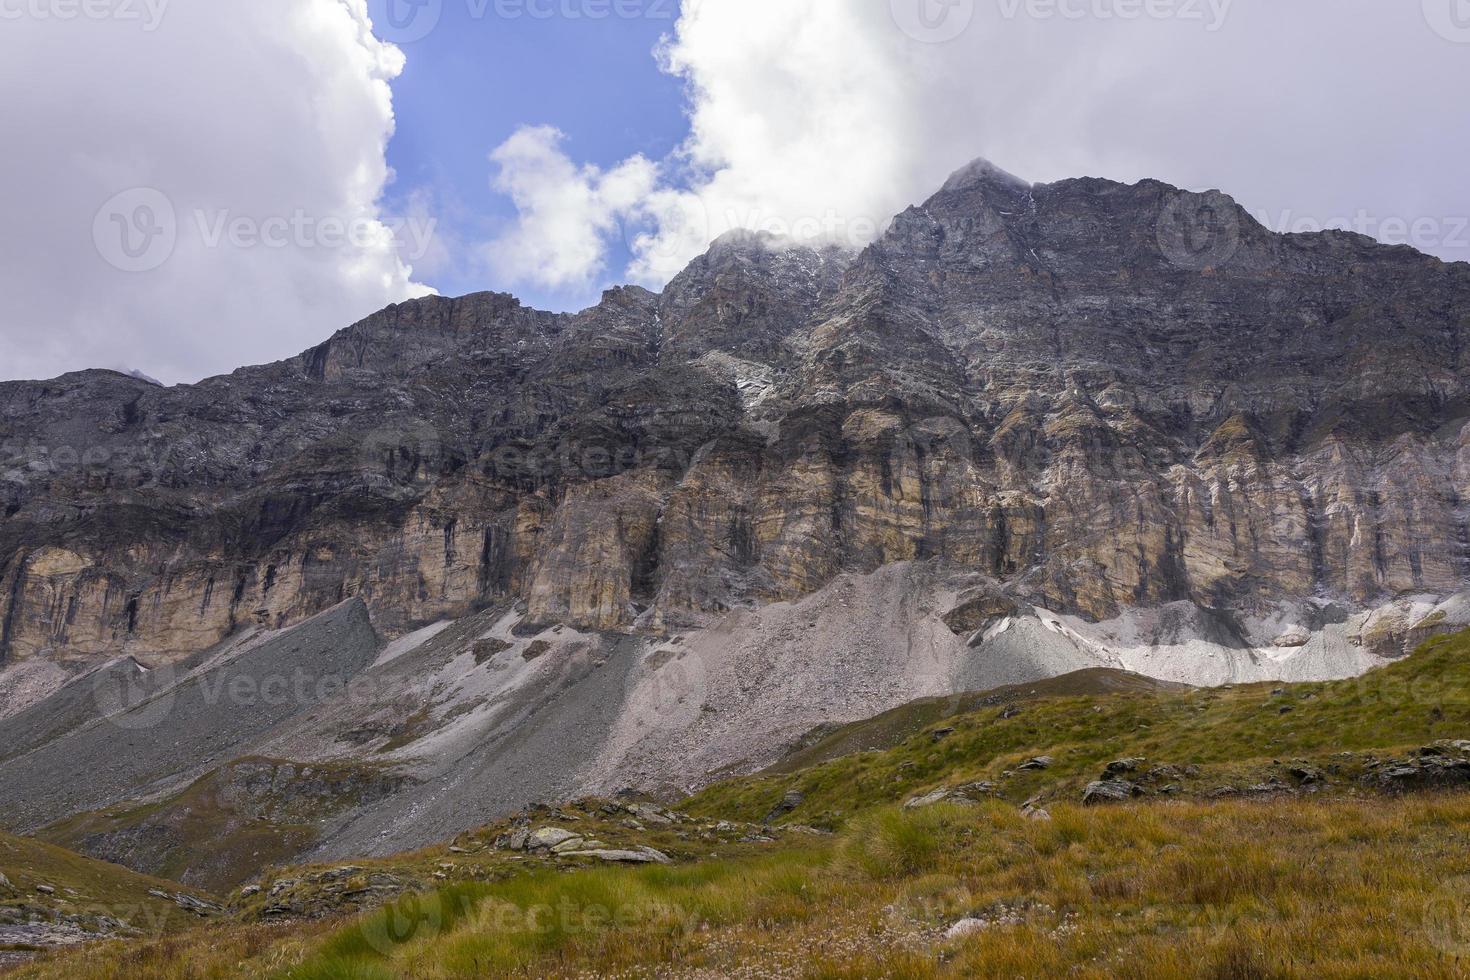 Italia. valle de aosta. macizo del monte rosa. acantilados y conos de escombros foto